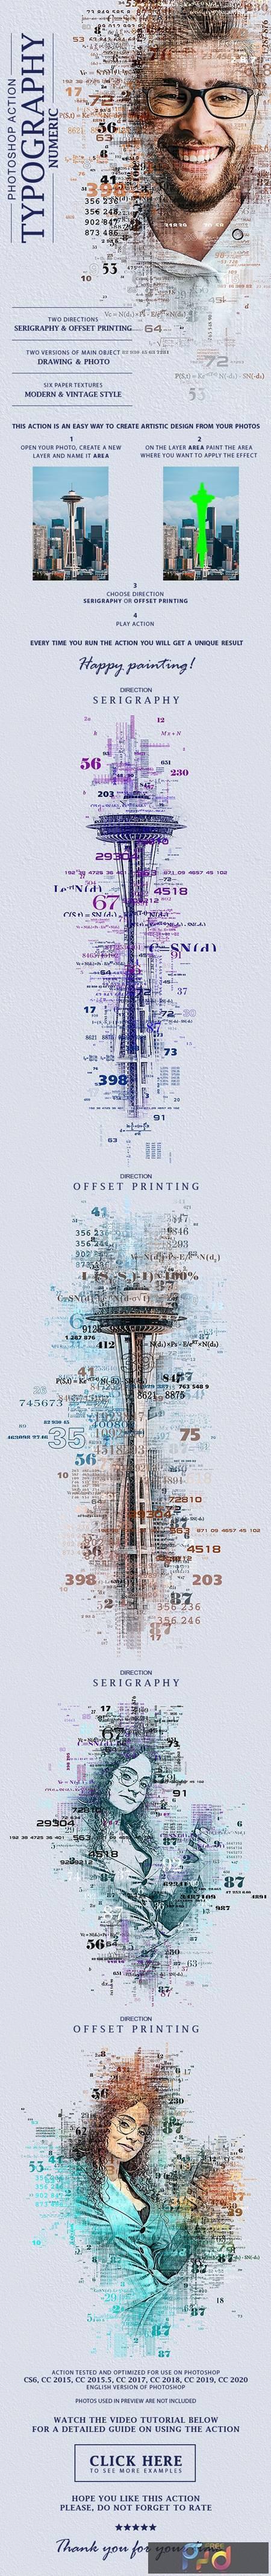 Typography (Numeric) Photoshop Action 28477619 1